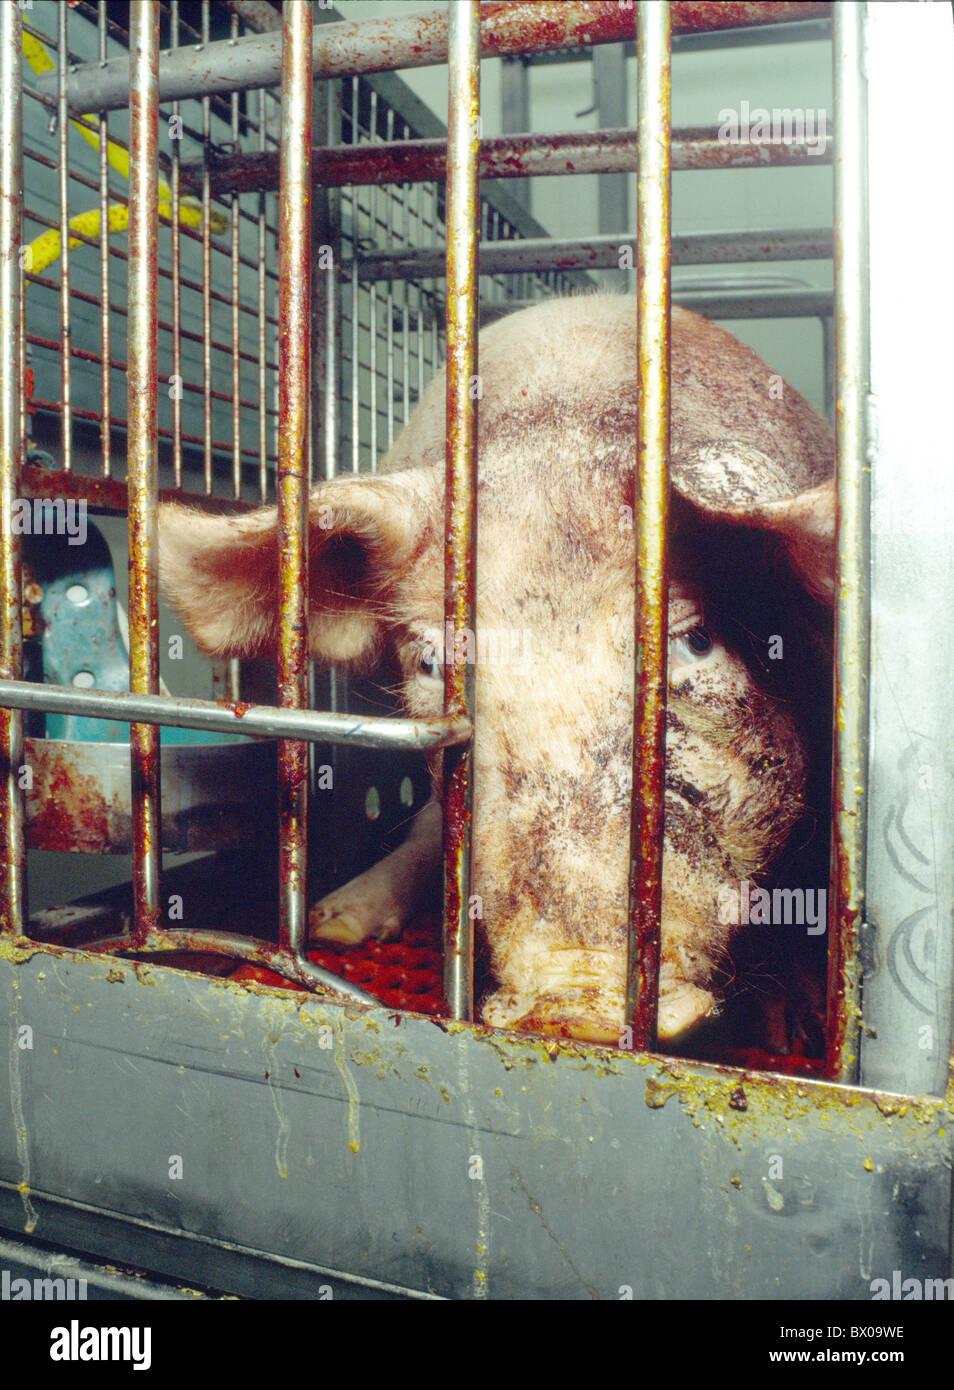 Haltung von Haustieren Viehzucht problematisch Käfig Tier Box Problem ausgeschlossen Angst Emotion Erschöpfung rese Stockfoto